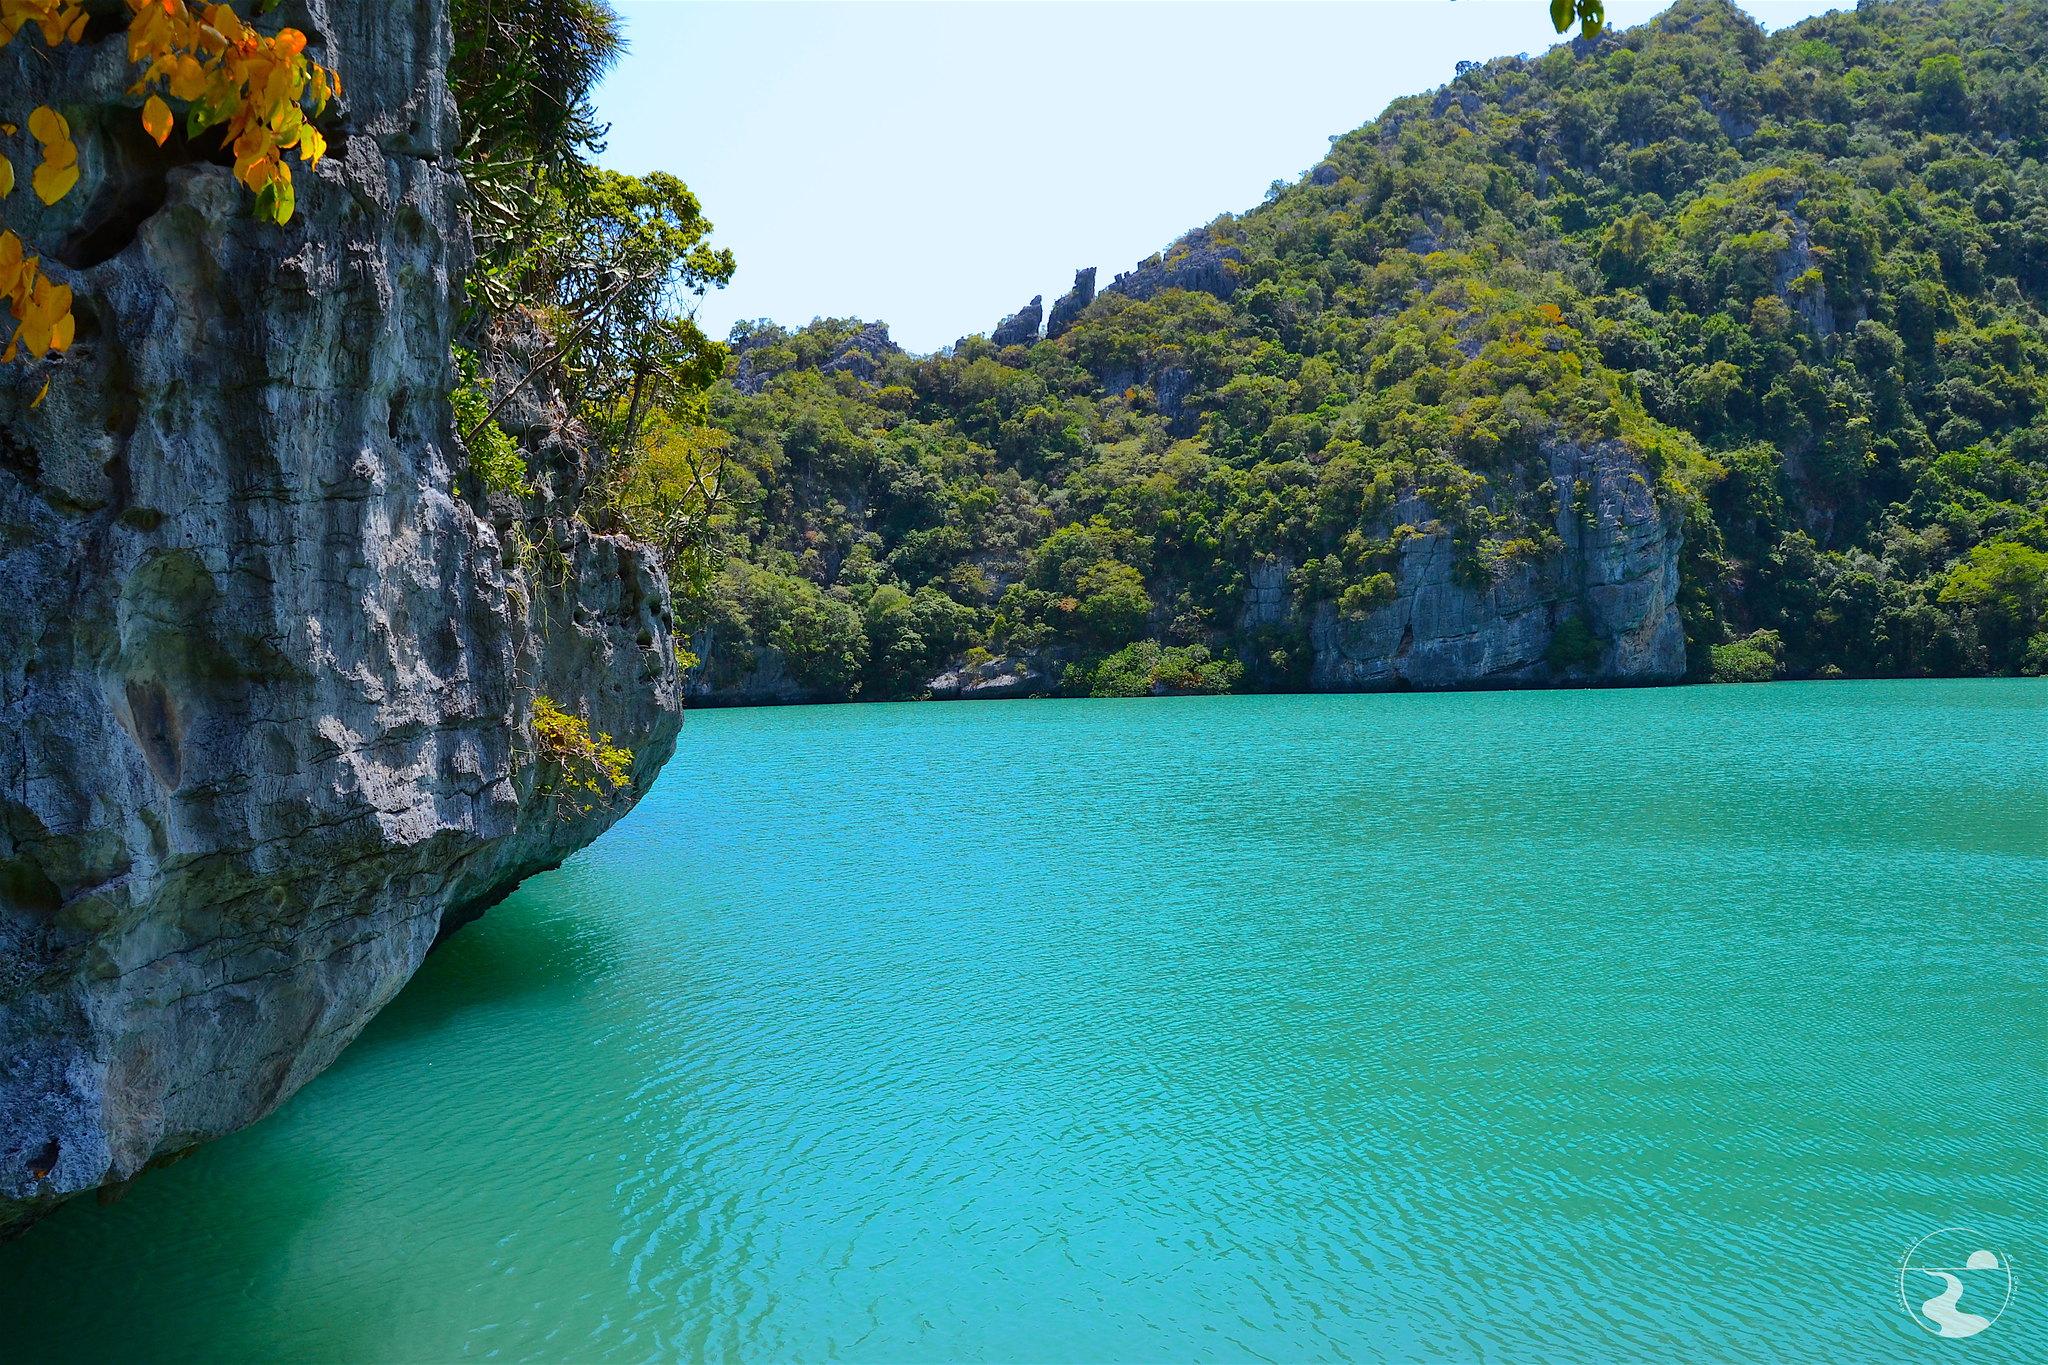 Emerald Lagoon, mirador bajo